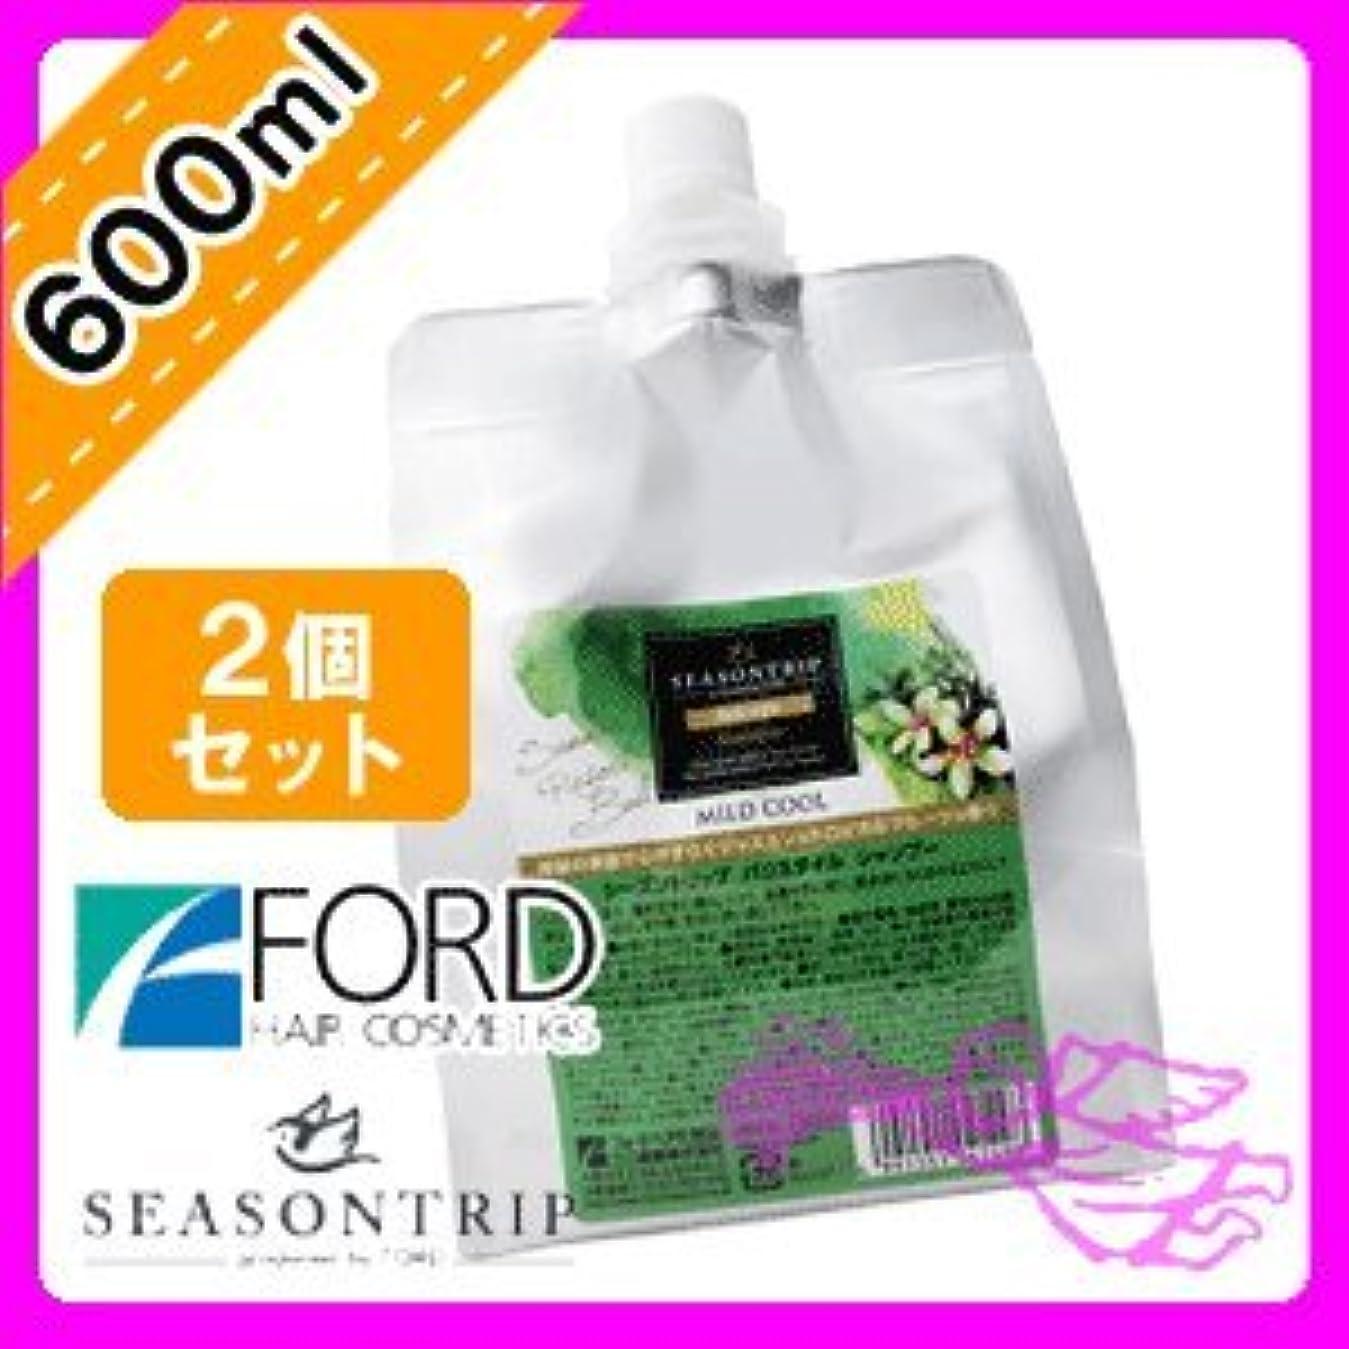 乱気流代わりにを立てる松フォード シーズントリップ バリスタイル シャンプー 600mL 詰め替え用 ×2個 セット